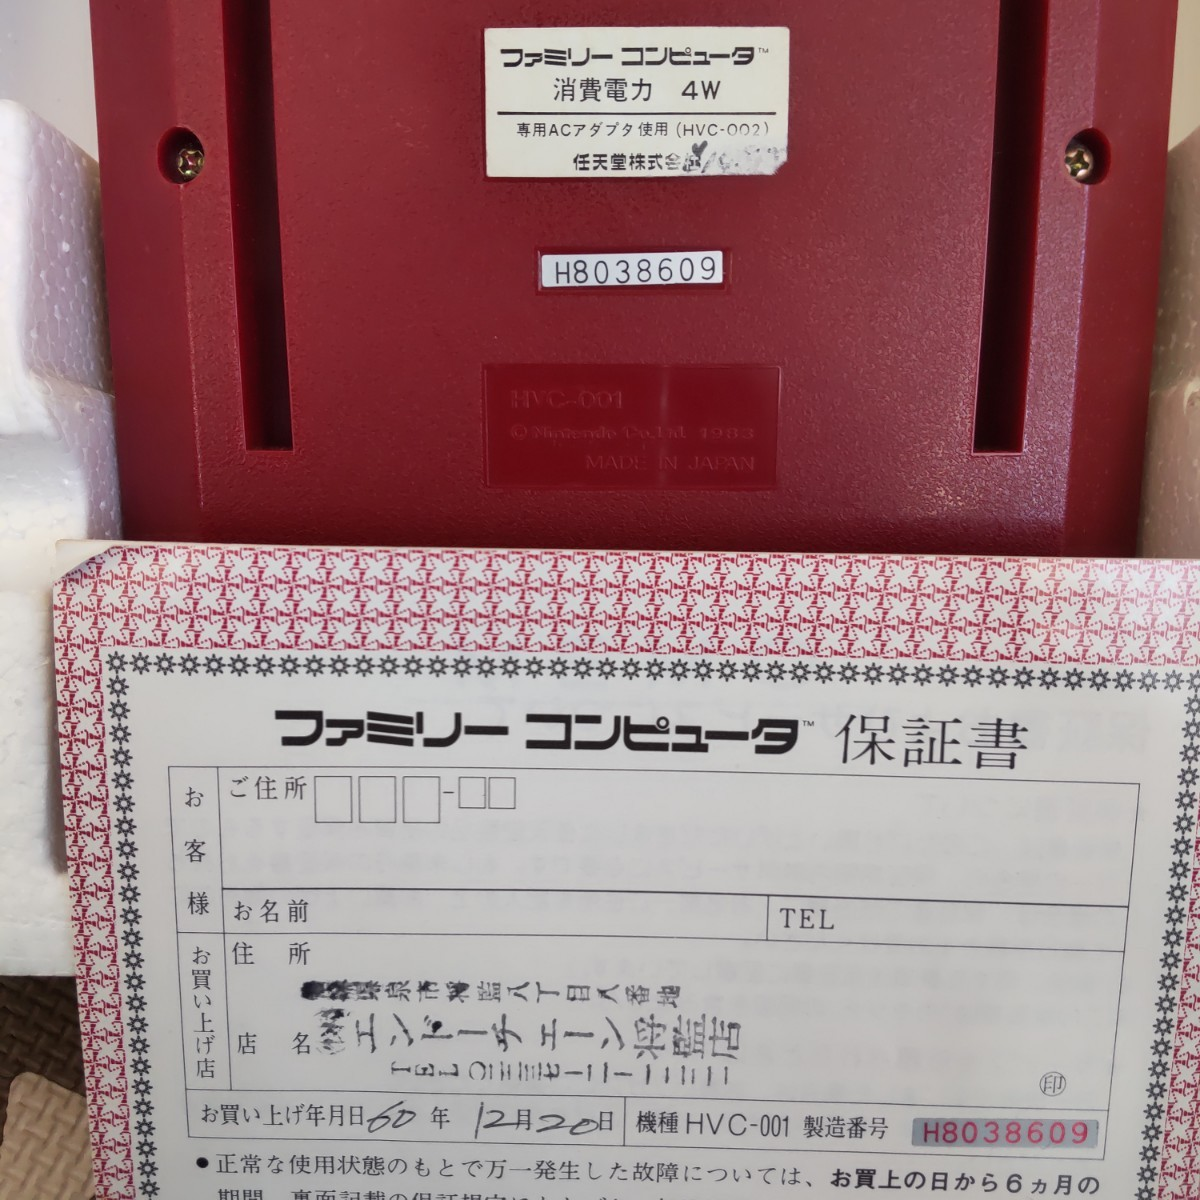 ファミリーコンピュータ ファミコン本体 初期型 HVC-001 任天堂 Nintendo